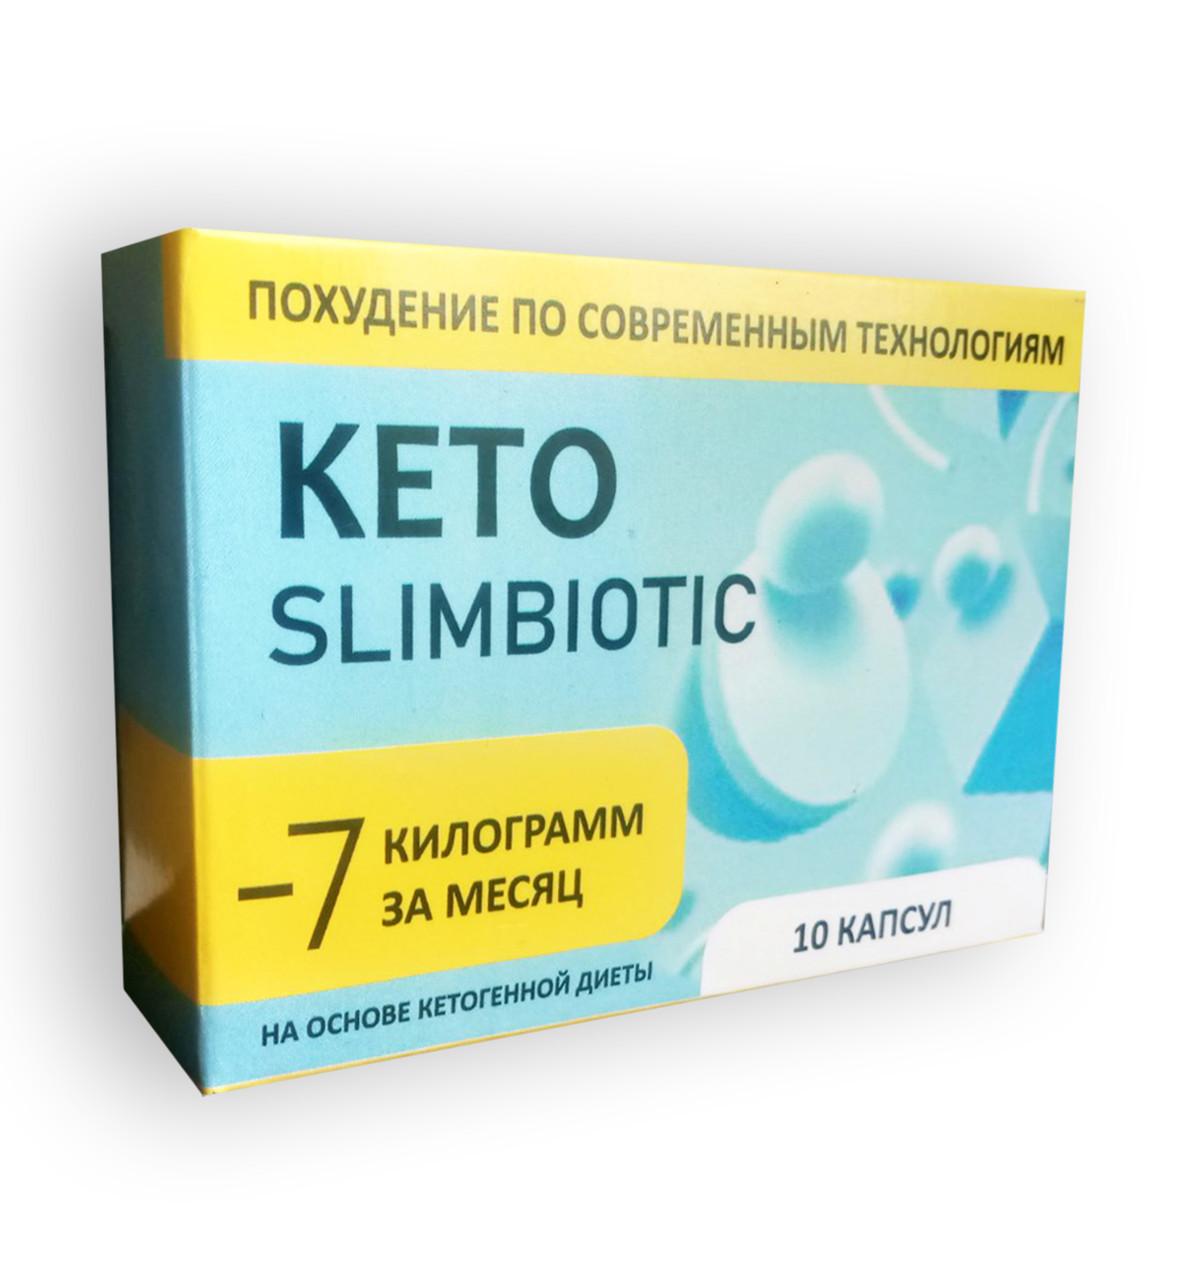 Keto SlimBiotic - Капсули для схуднення (Кето СлимБиотик) - СЕРТИФІКАТ